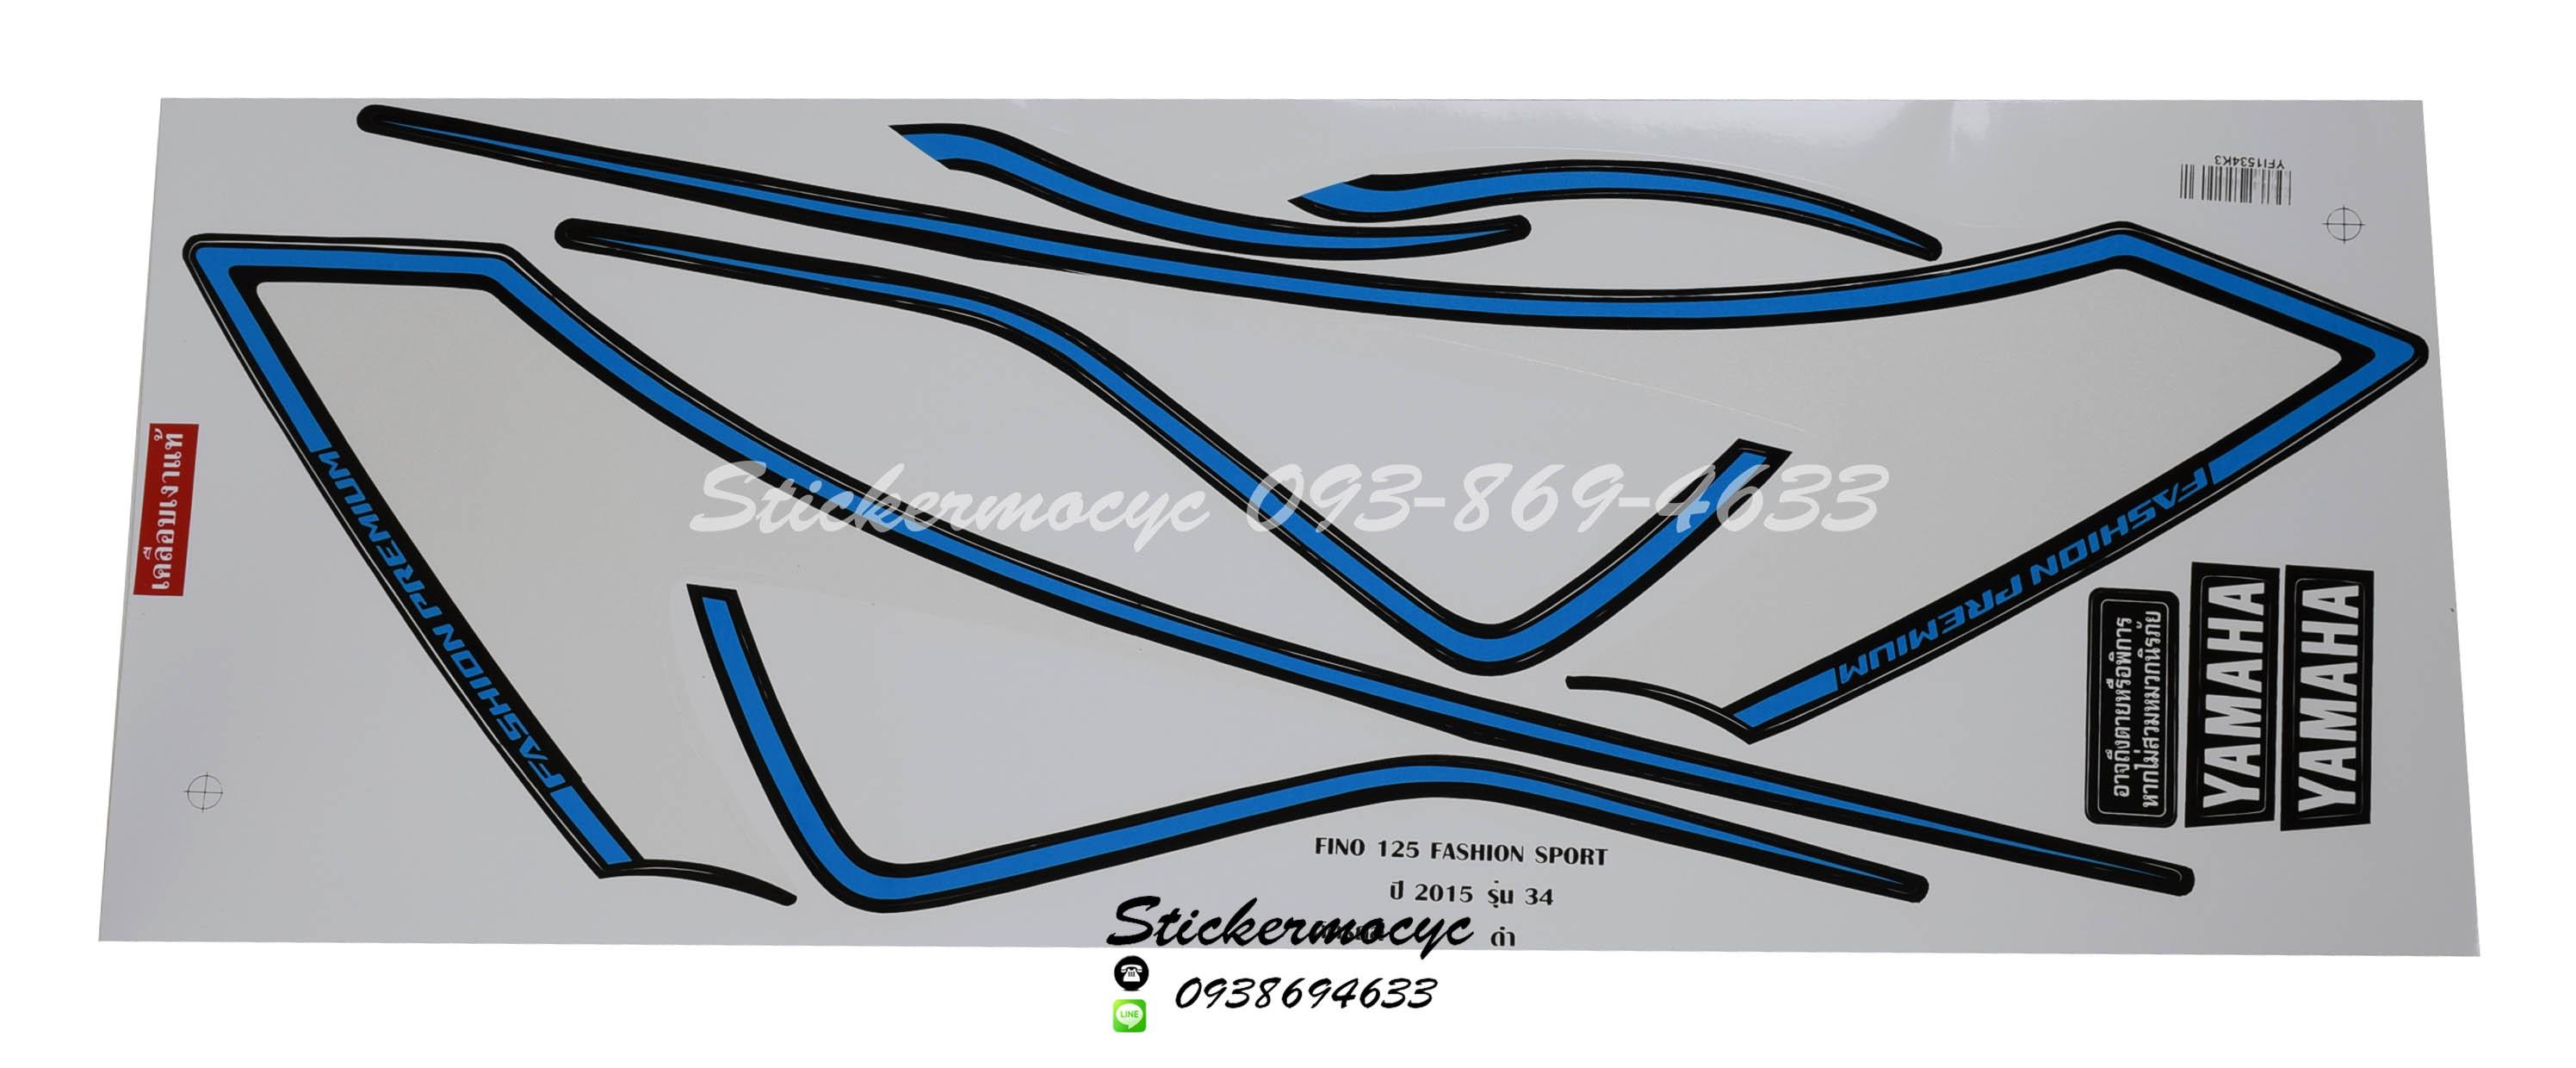 สติ๊กเกอร์ติดรถ มอเตอร์ไซค์ ยามาฮ่า ฟีโน่แต่ง Sticker Yamaha Fino แต่ง ปี 2015 รุ่น 34 Fashion Sport ติดรถ สีดำ (เคลือบเงา)